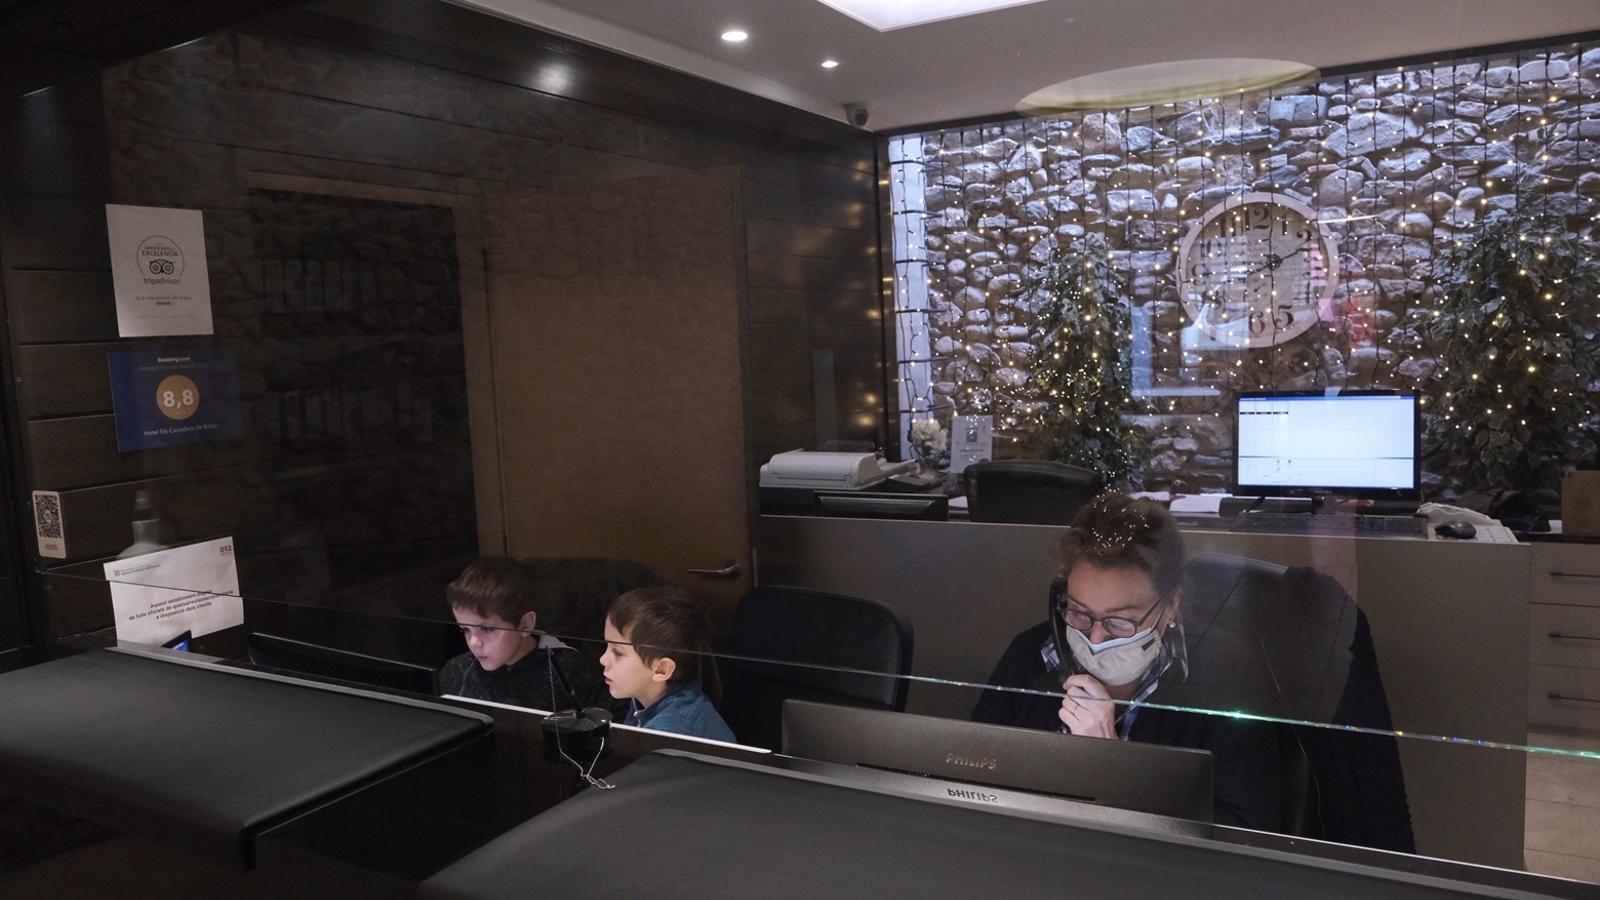 Els nens jugant a l'ordinador de la recepció mentre no paren d'arribar cancel·lacions de reserves